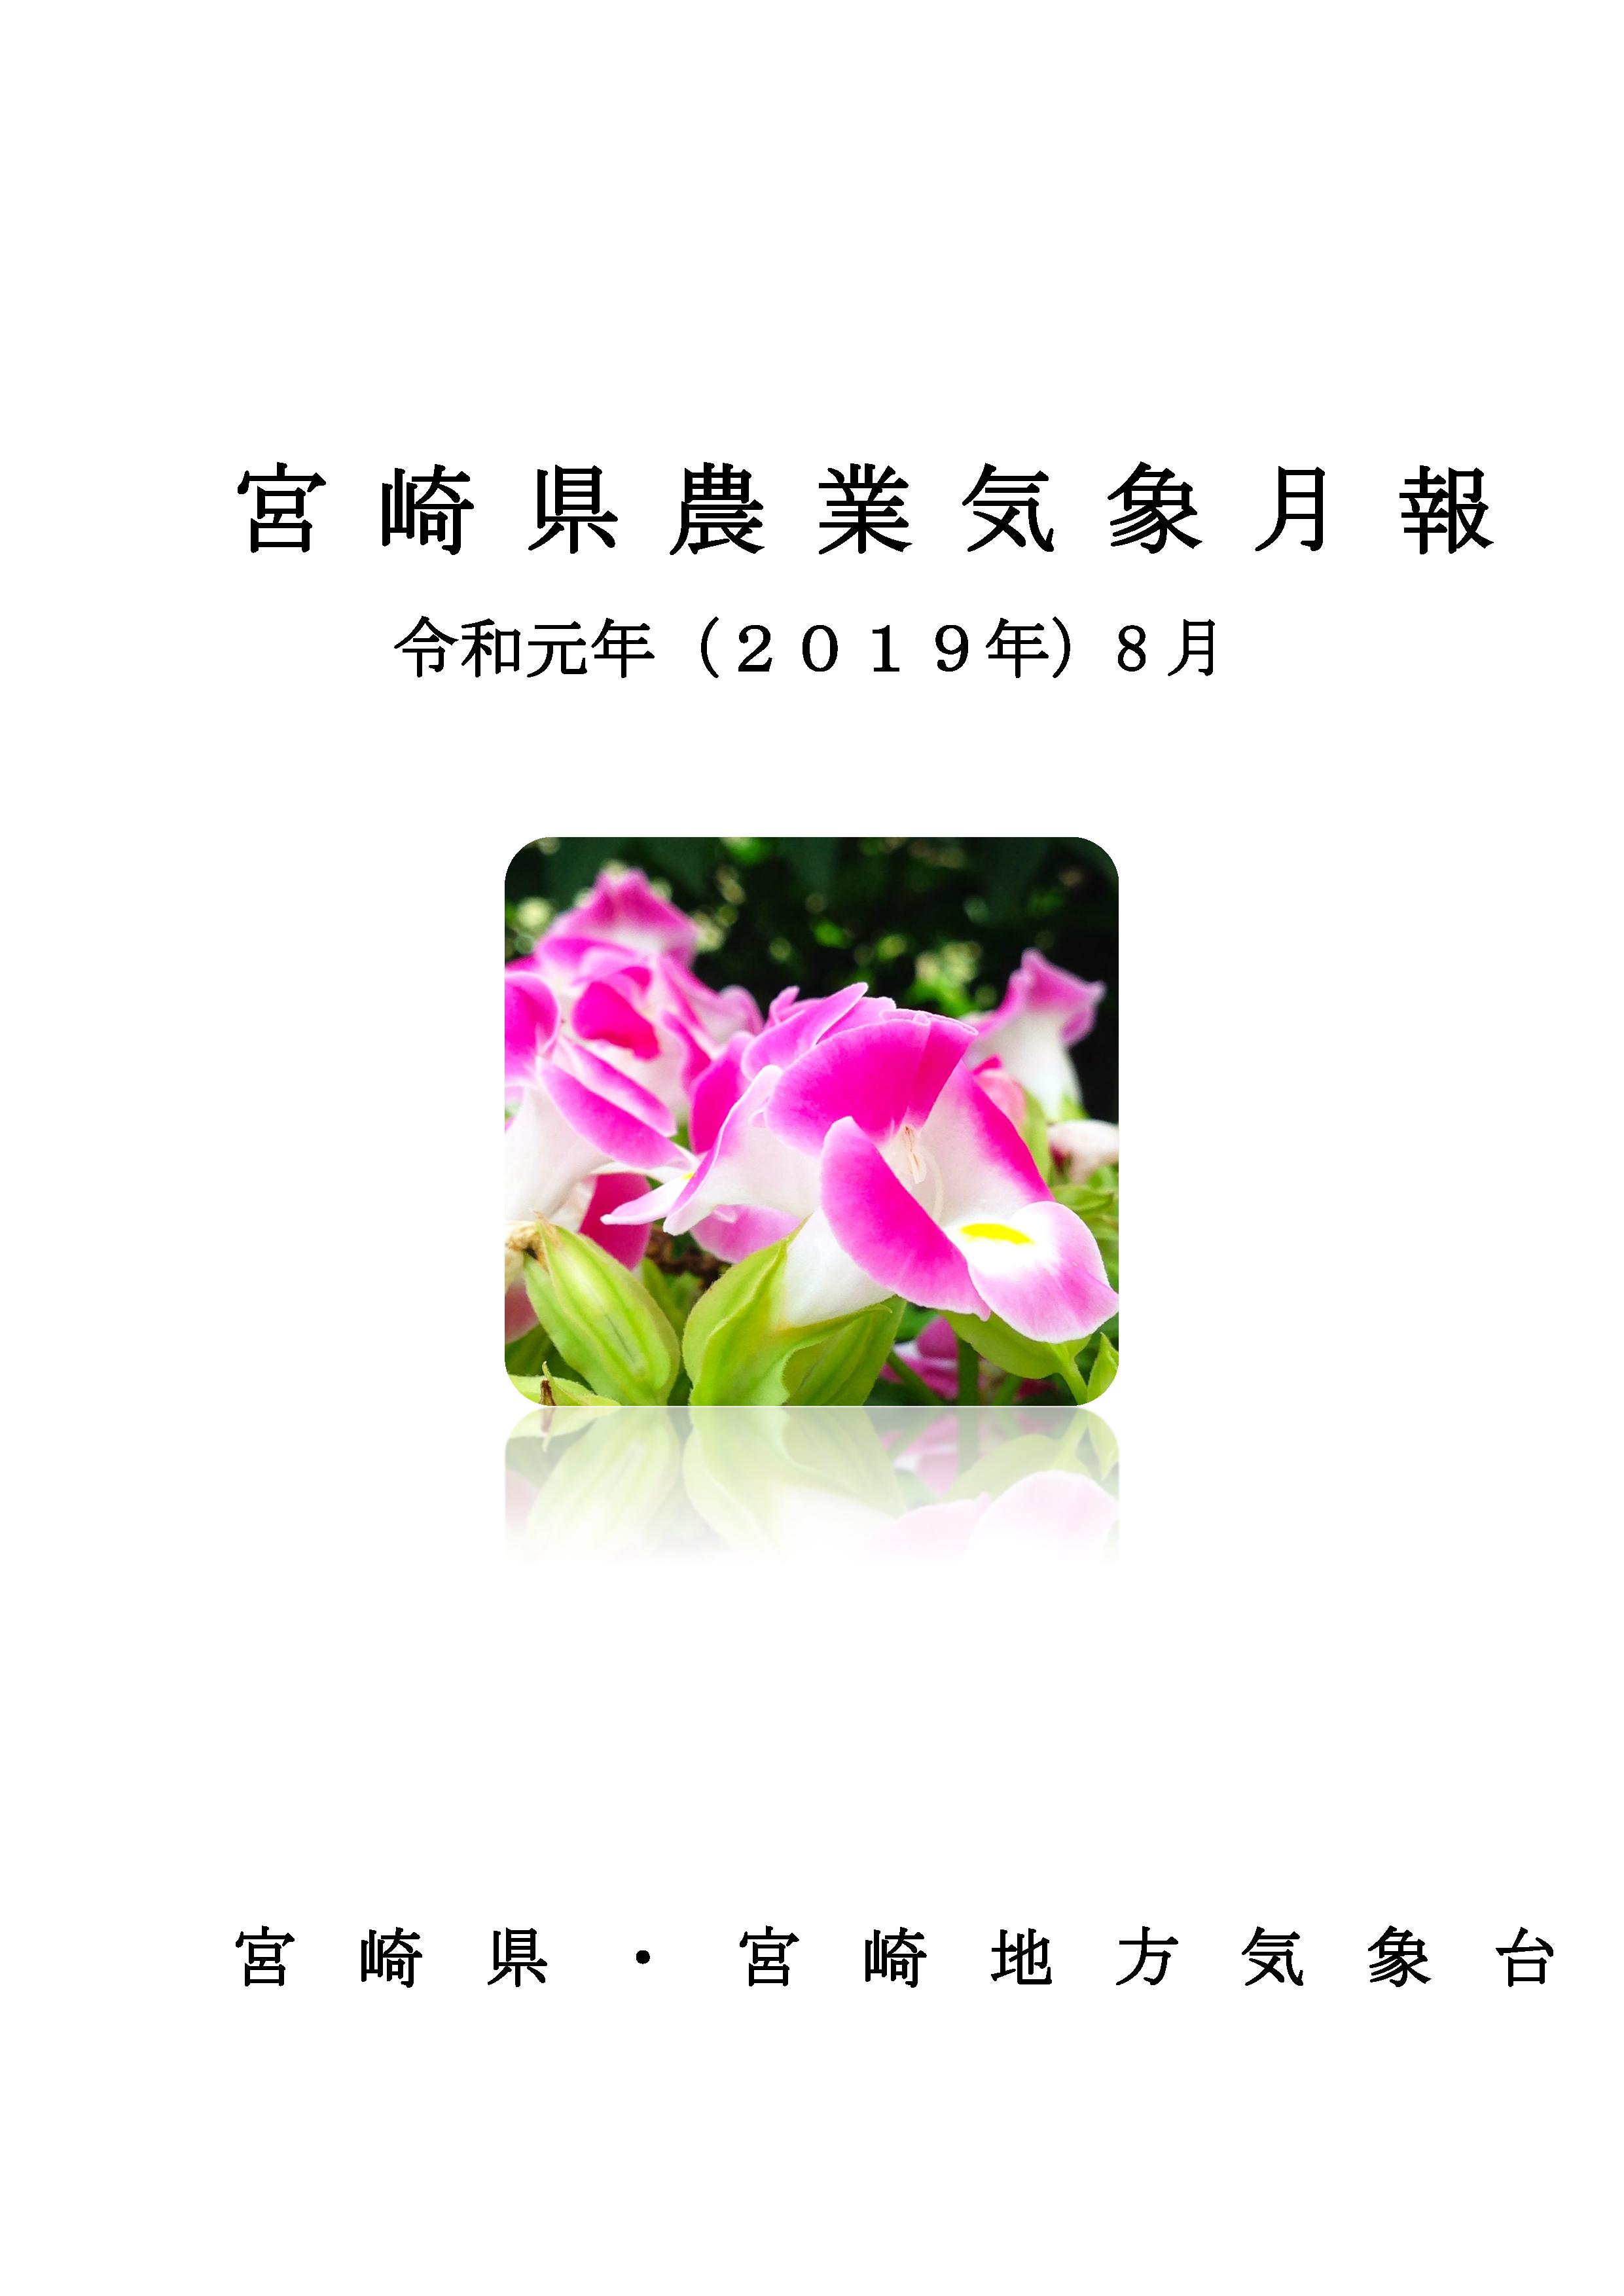 令和元年8月農業気象月報PDF